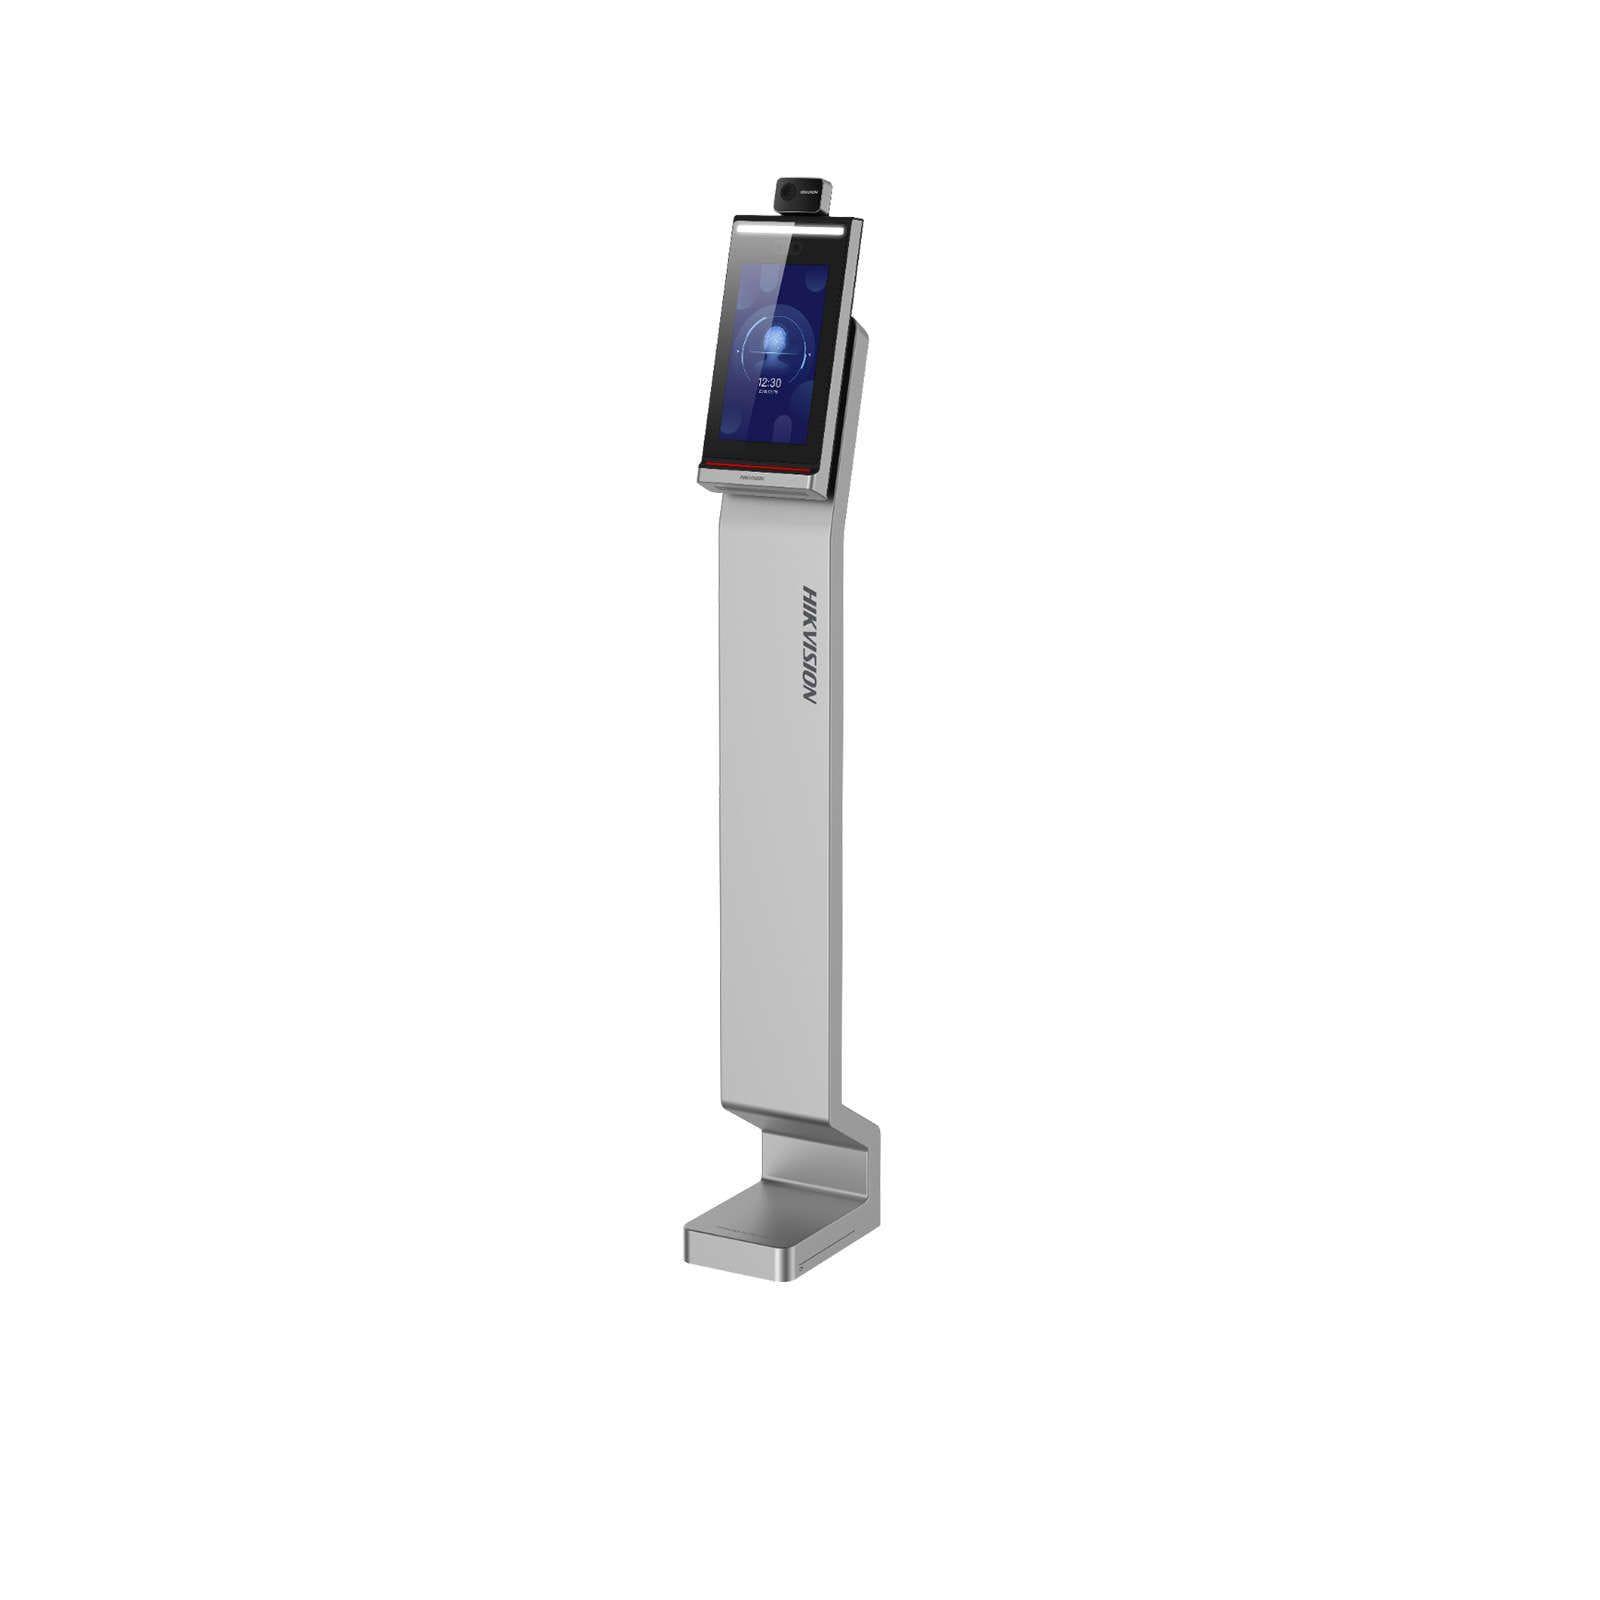 Caméra thermique Hikvision   Terminal d'Auto-Contrôle pour Dépistage de la Température